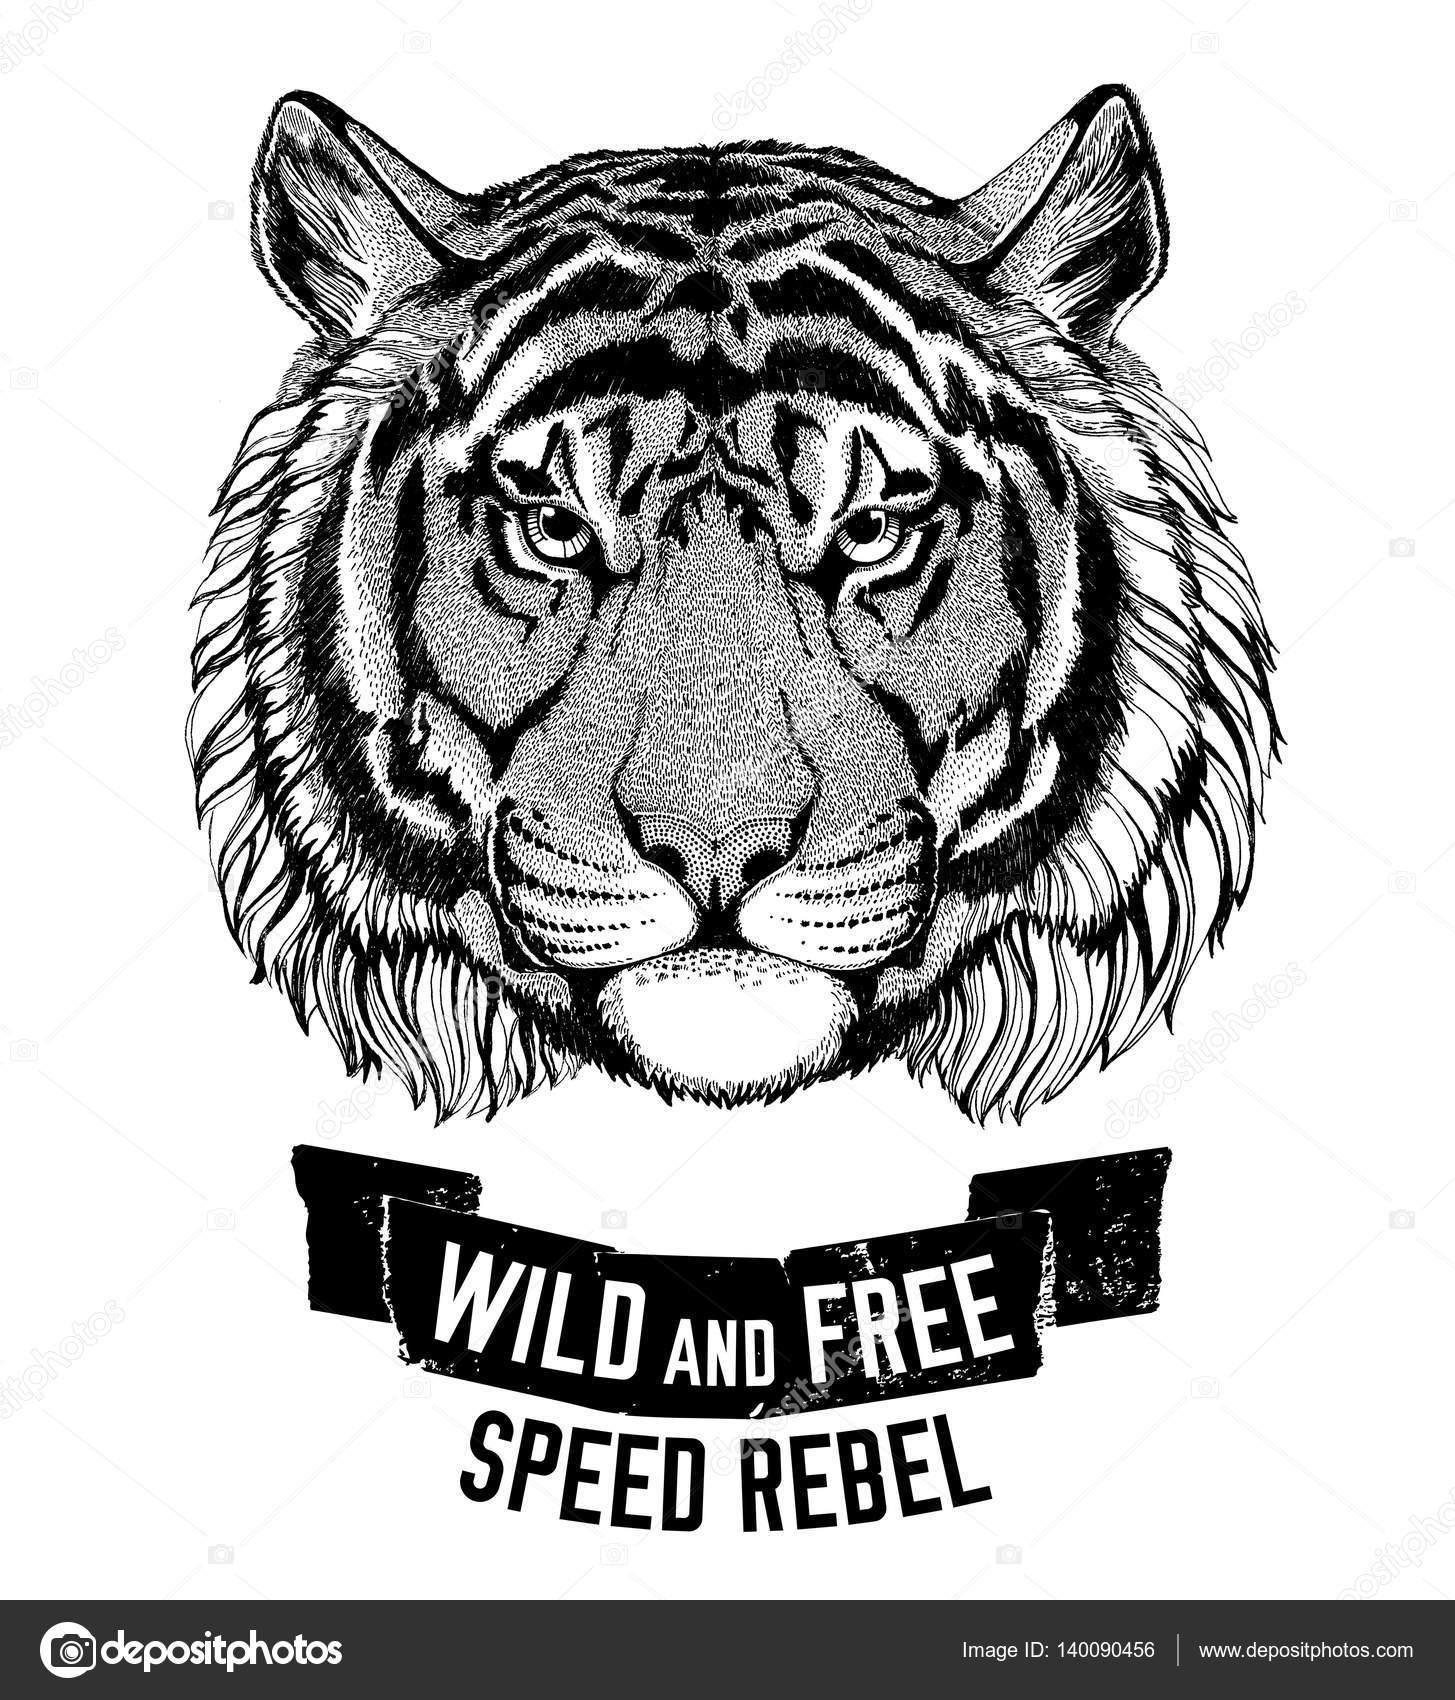 2bba4ce33dff Gato salvaje tigre salvaje ser salvaje y libre emblema camiseta